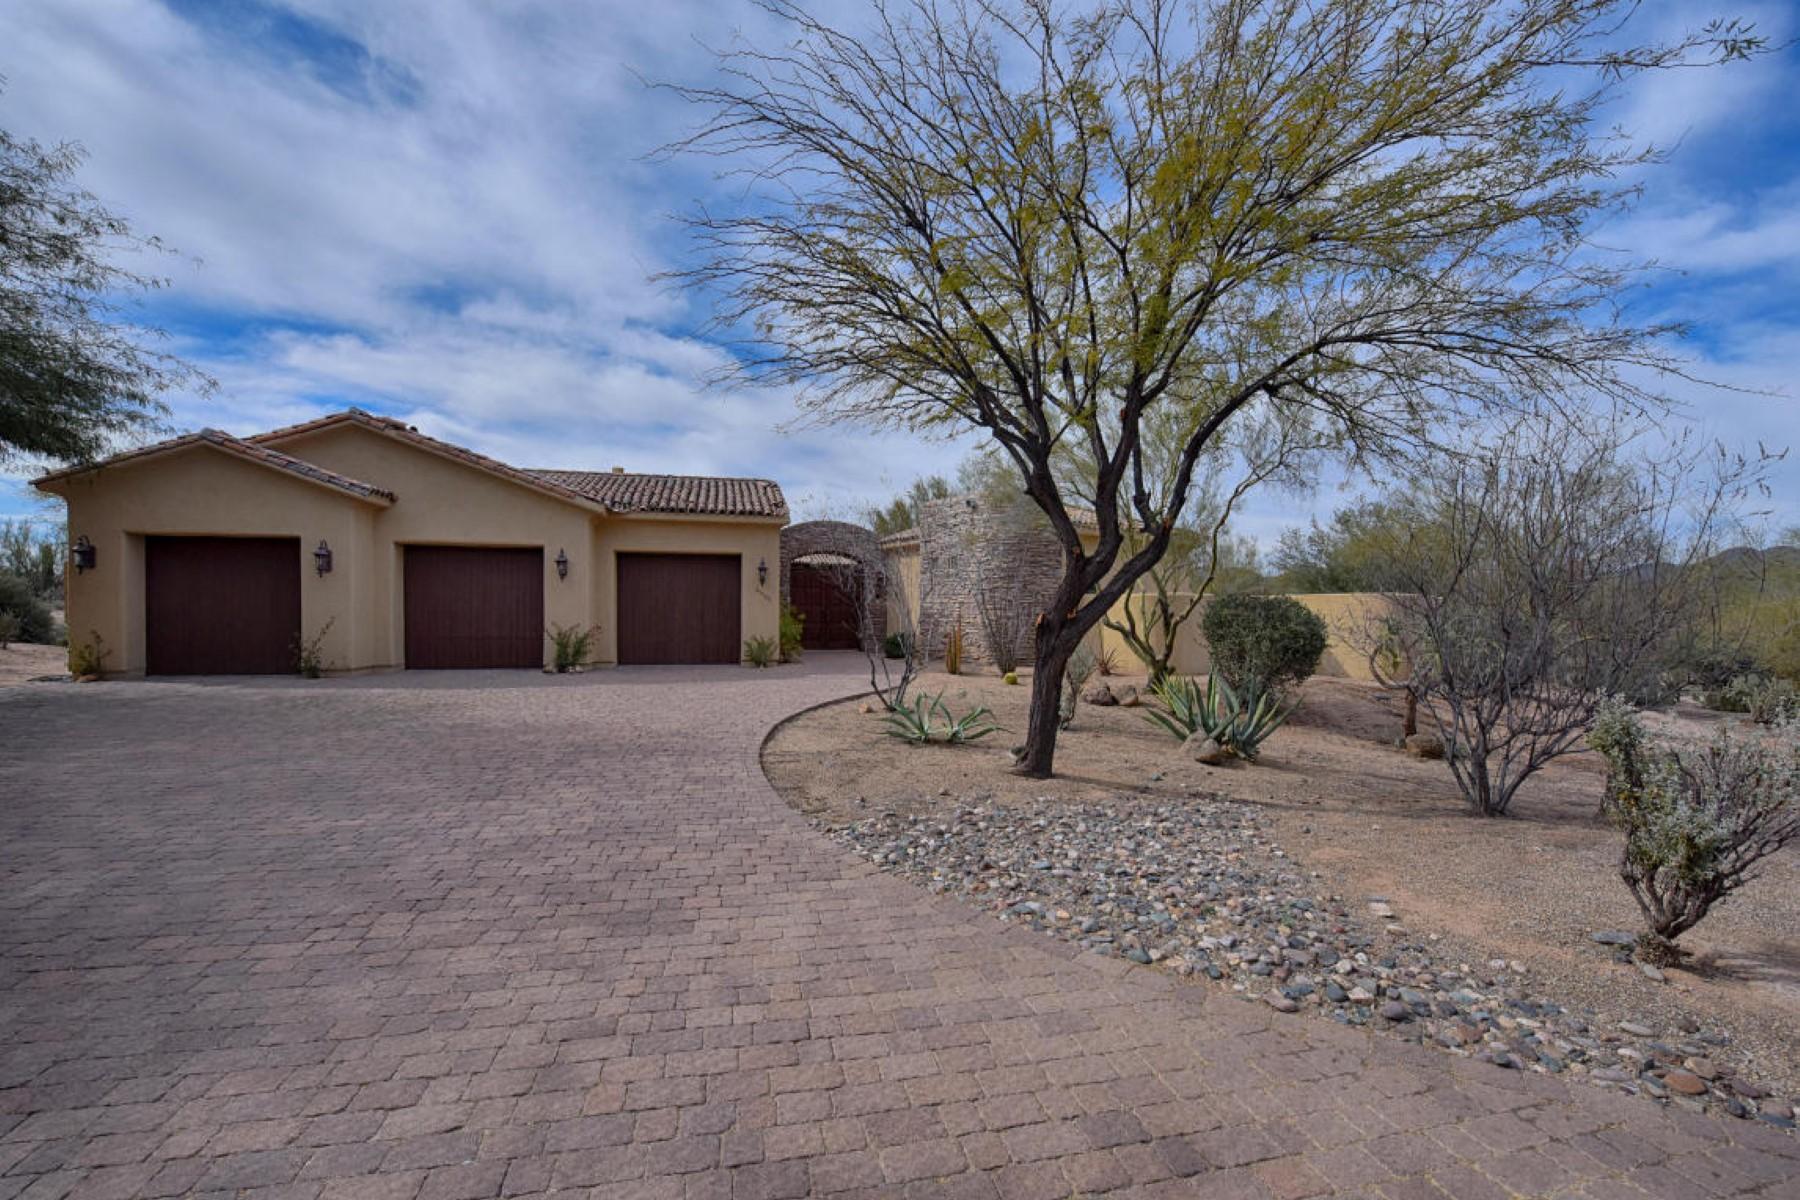 独户住宅 为 销售 在 Beautiful 4 bedroom home in exclusive gated Canyon Crossings 35502 N Canyon Crossing Dr 凯夫克里克, 亚利桑那州 85331 美国